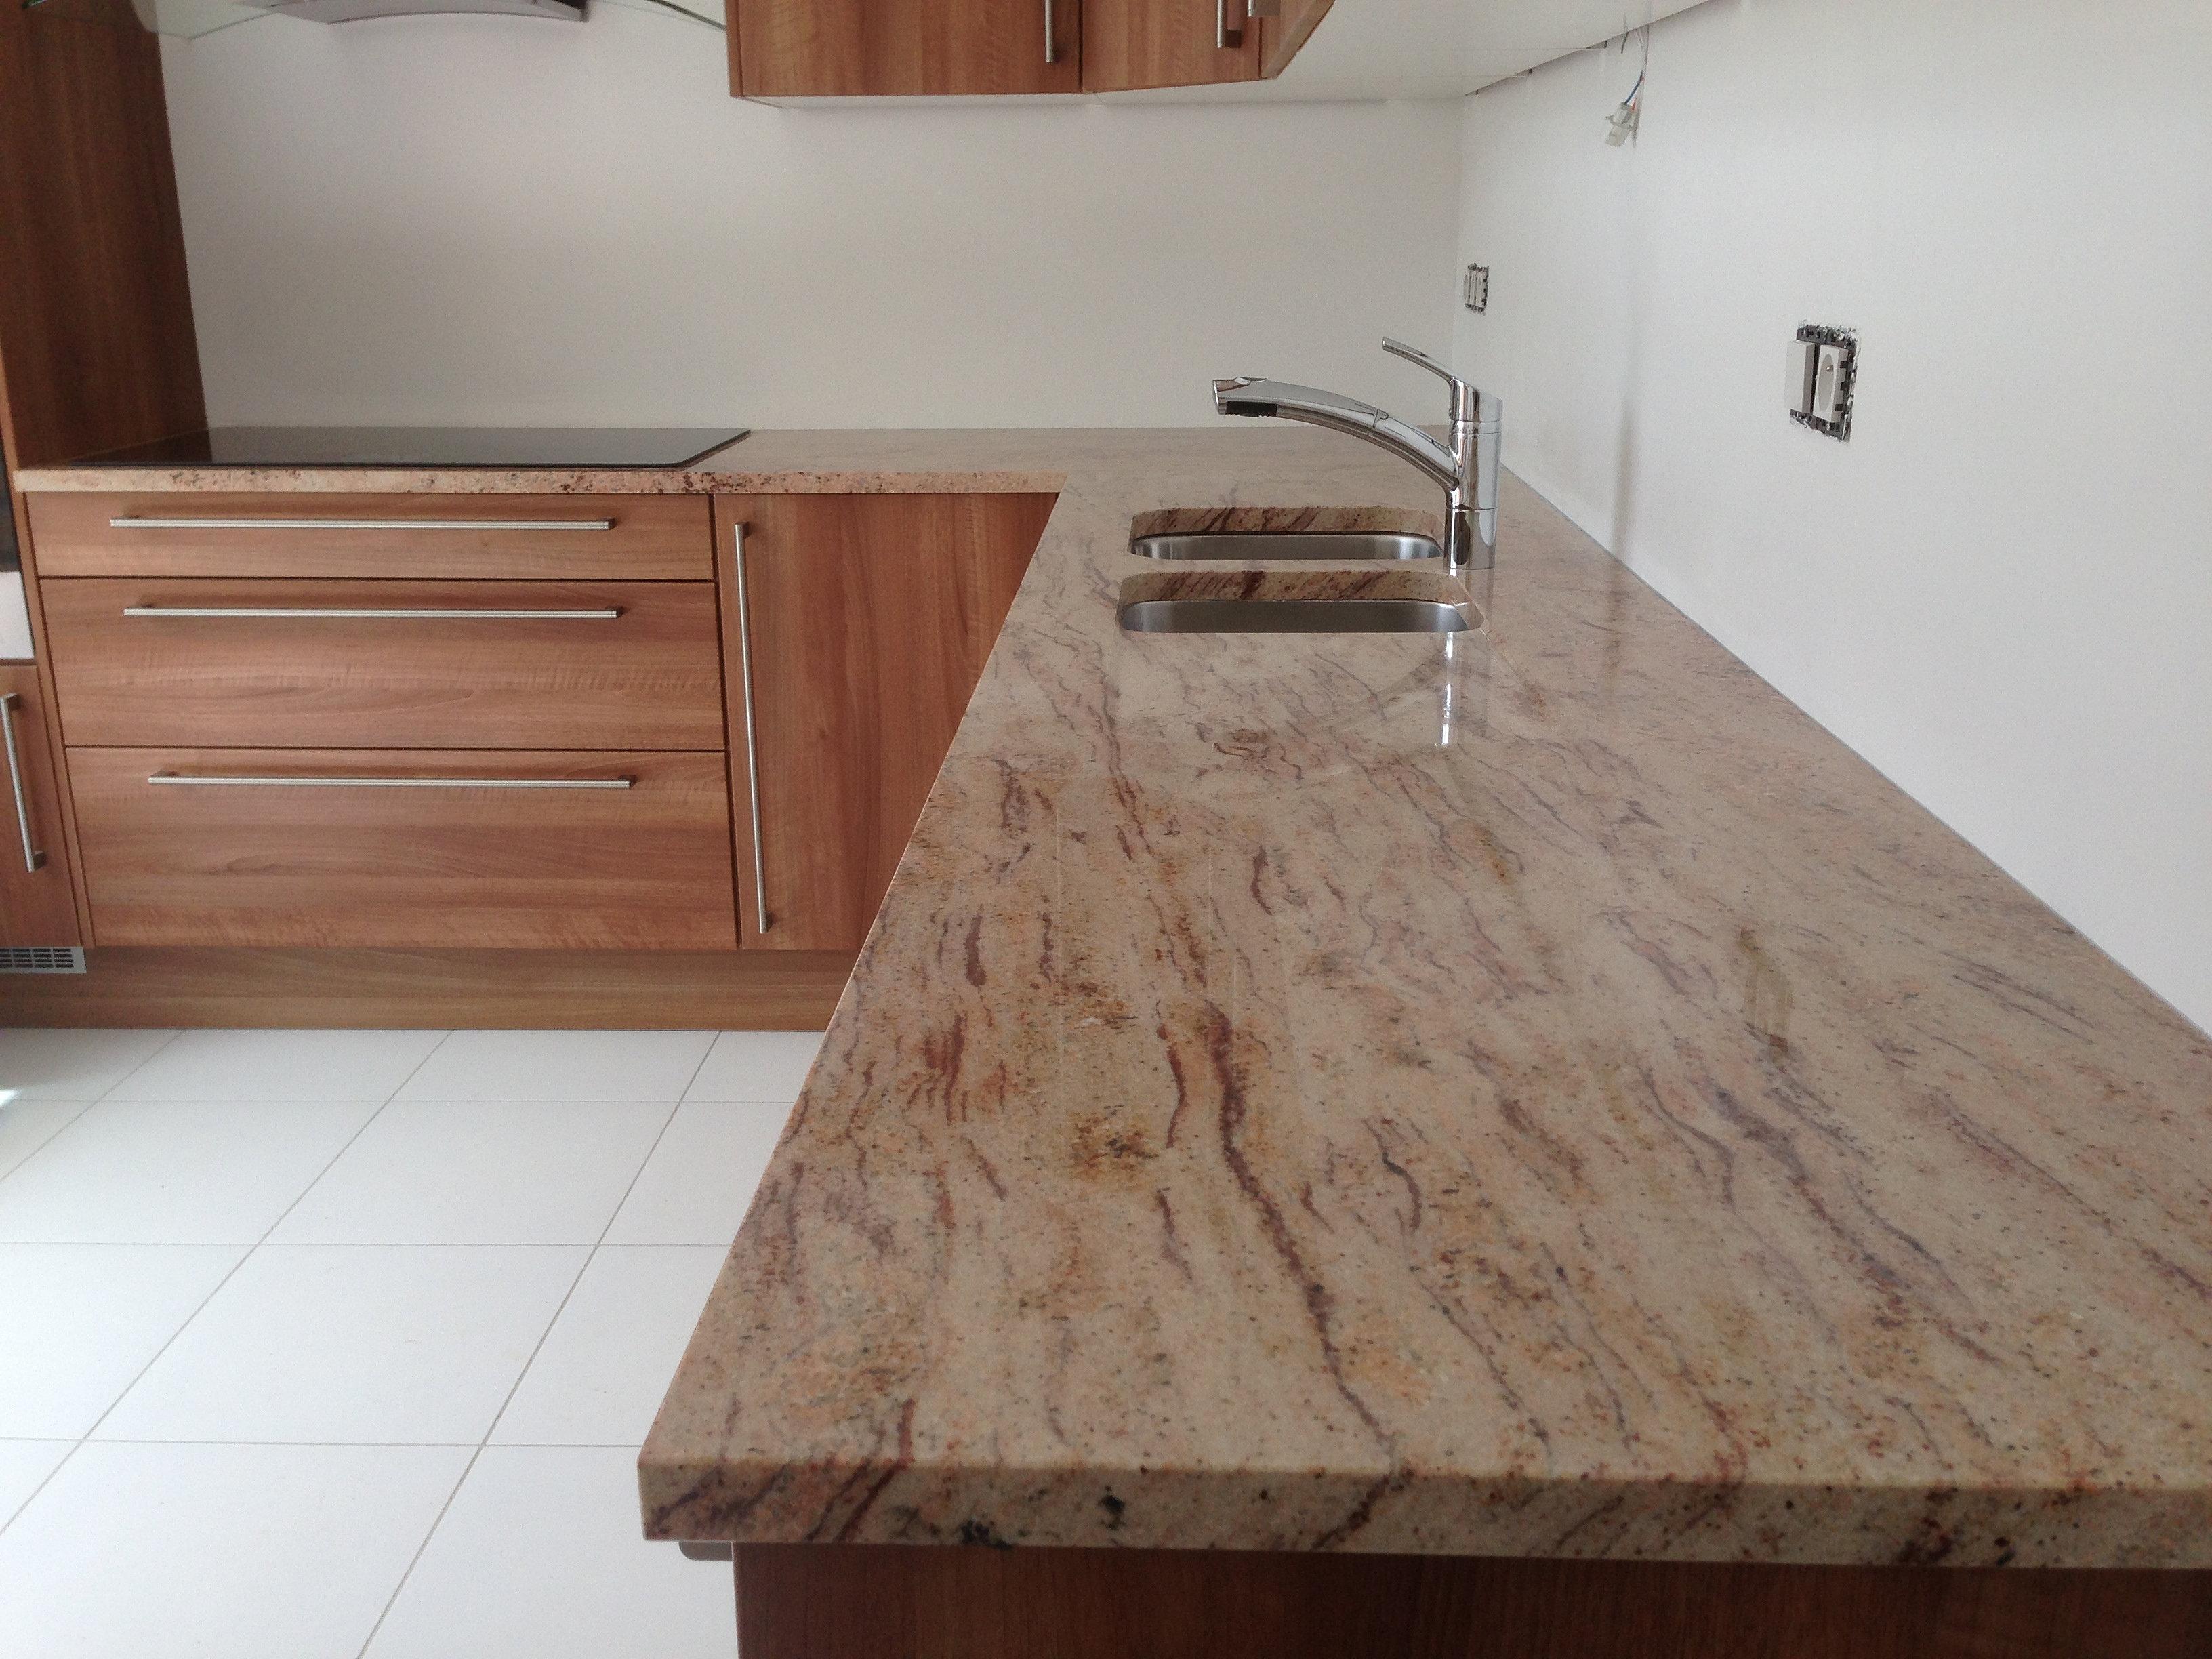 devis plan de travail com paris granit quartz marbre plans cuisine sur mesure granit. Black Bedroom Furniture Sets. Home Design Ideas